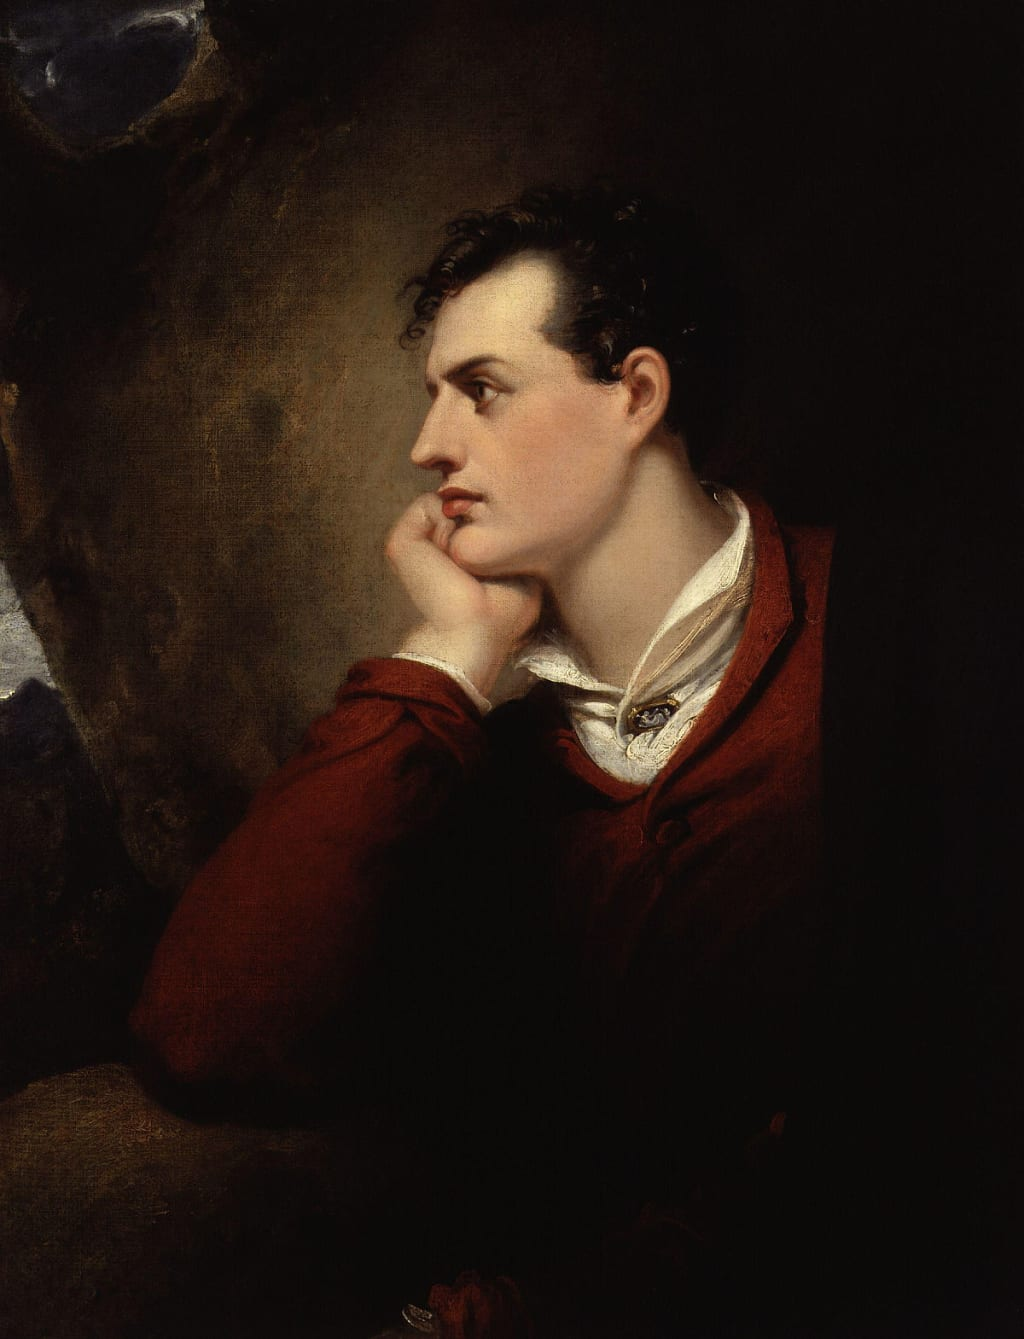 Why I Love Lord Byron